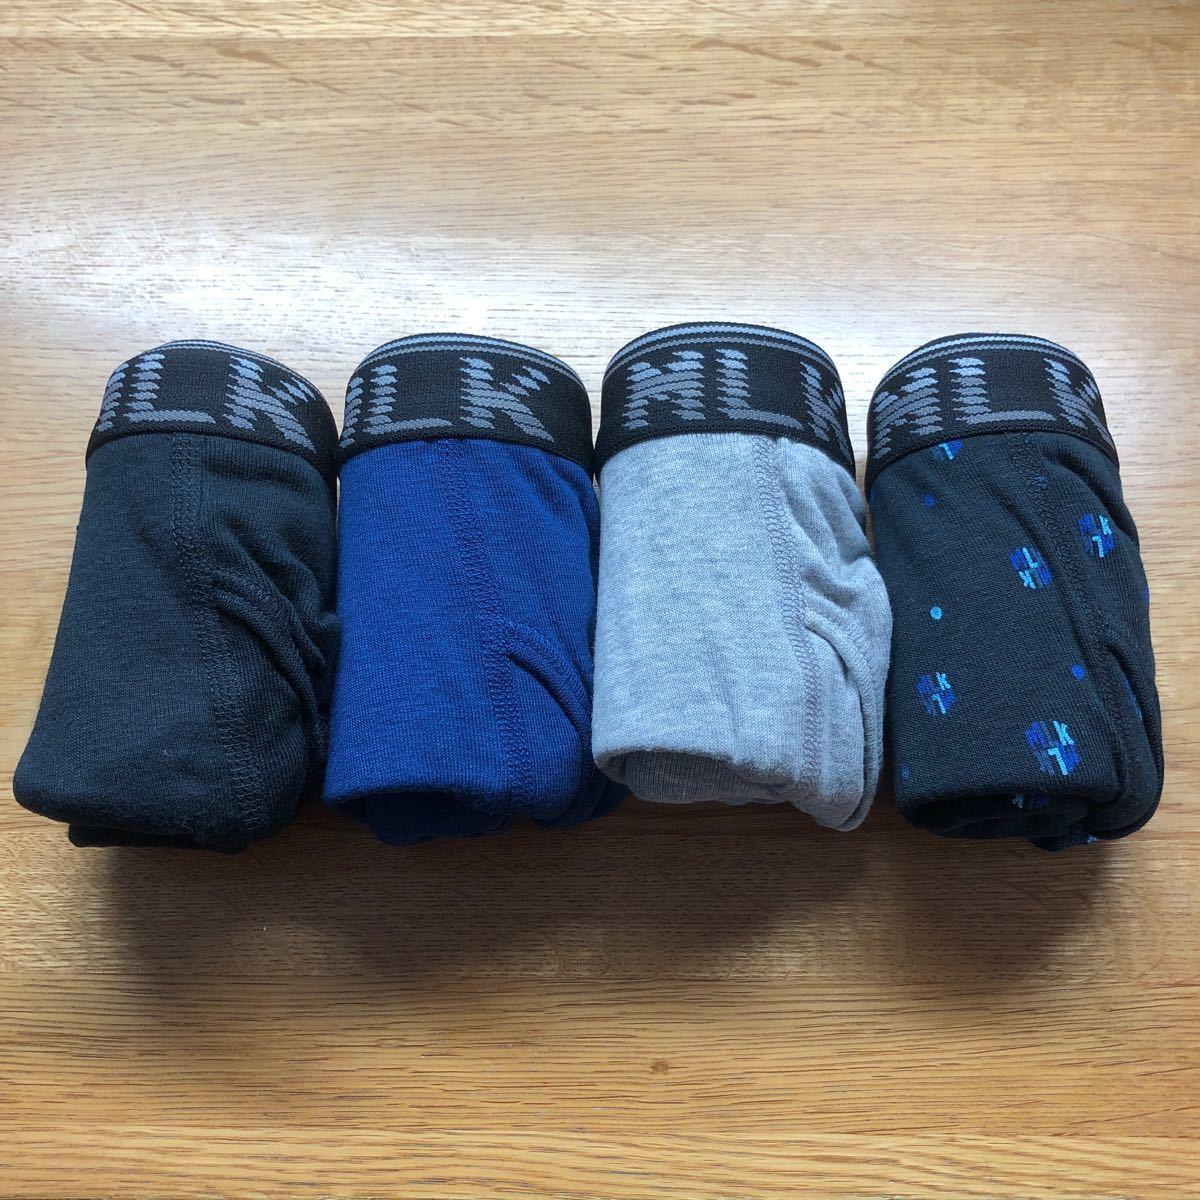 メンズボクサーパンツ ボクサーブリーフ ボクサーパンツ ミチコロンドン Mサイズ4枚組 新品未使用【2】